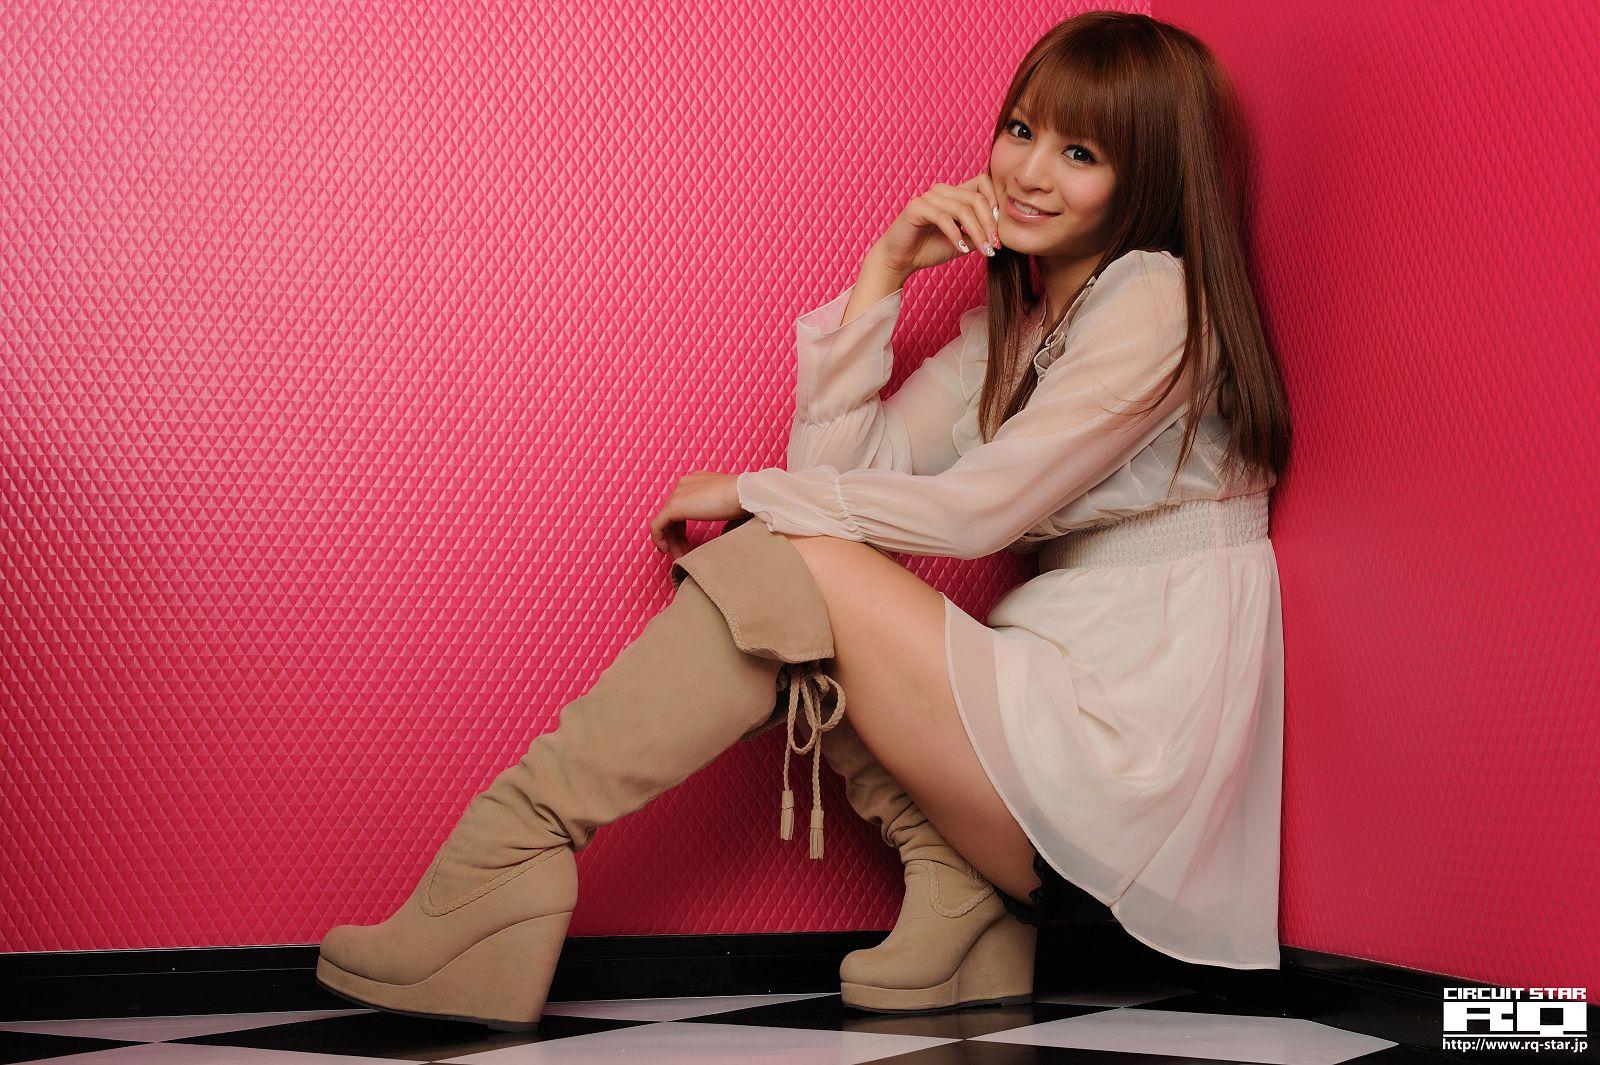 [RQ STAR美女] NO.00579 Megumi Haruna 春菜めぐみ Private Dress[70P] RQ STAR 第4张